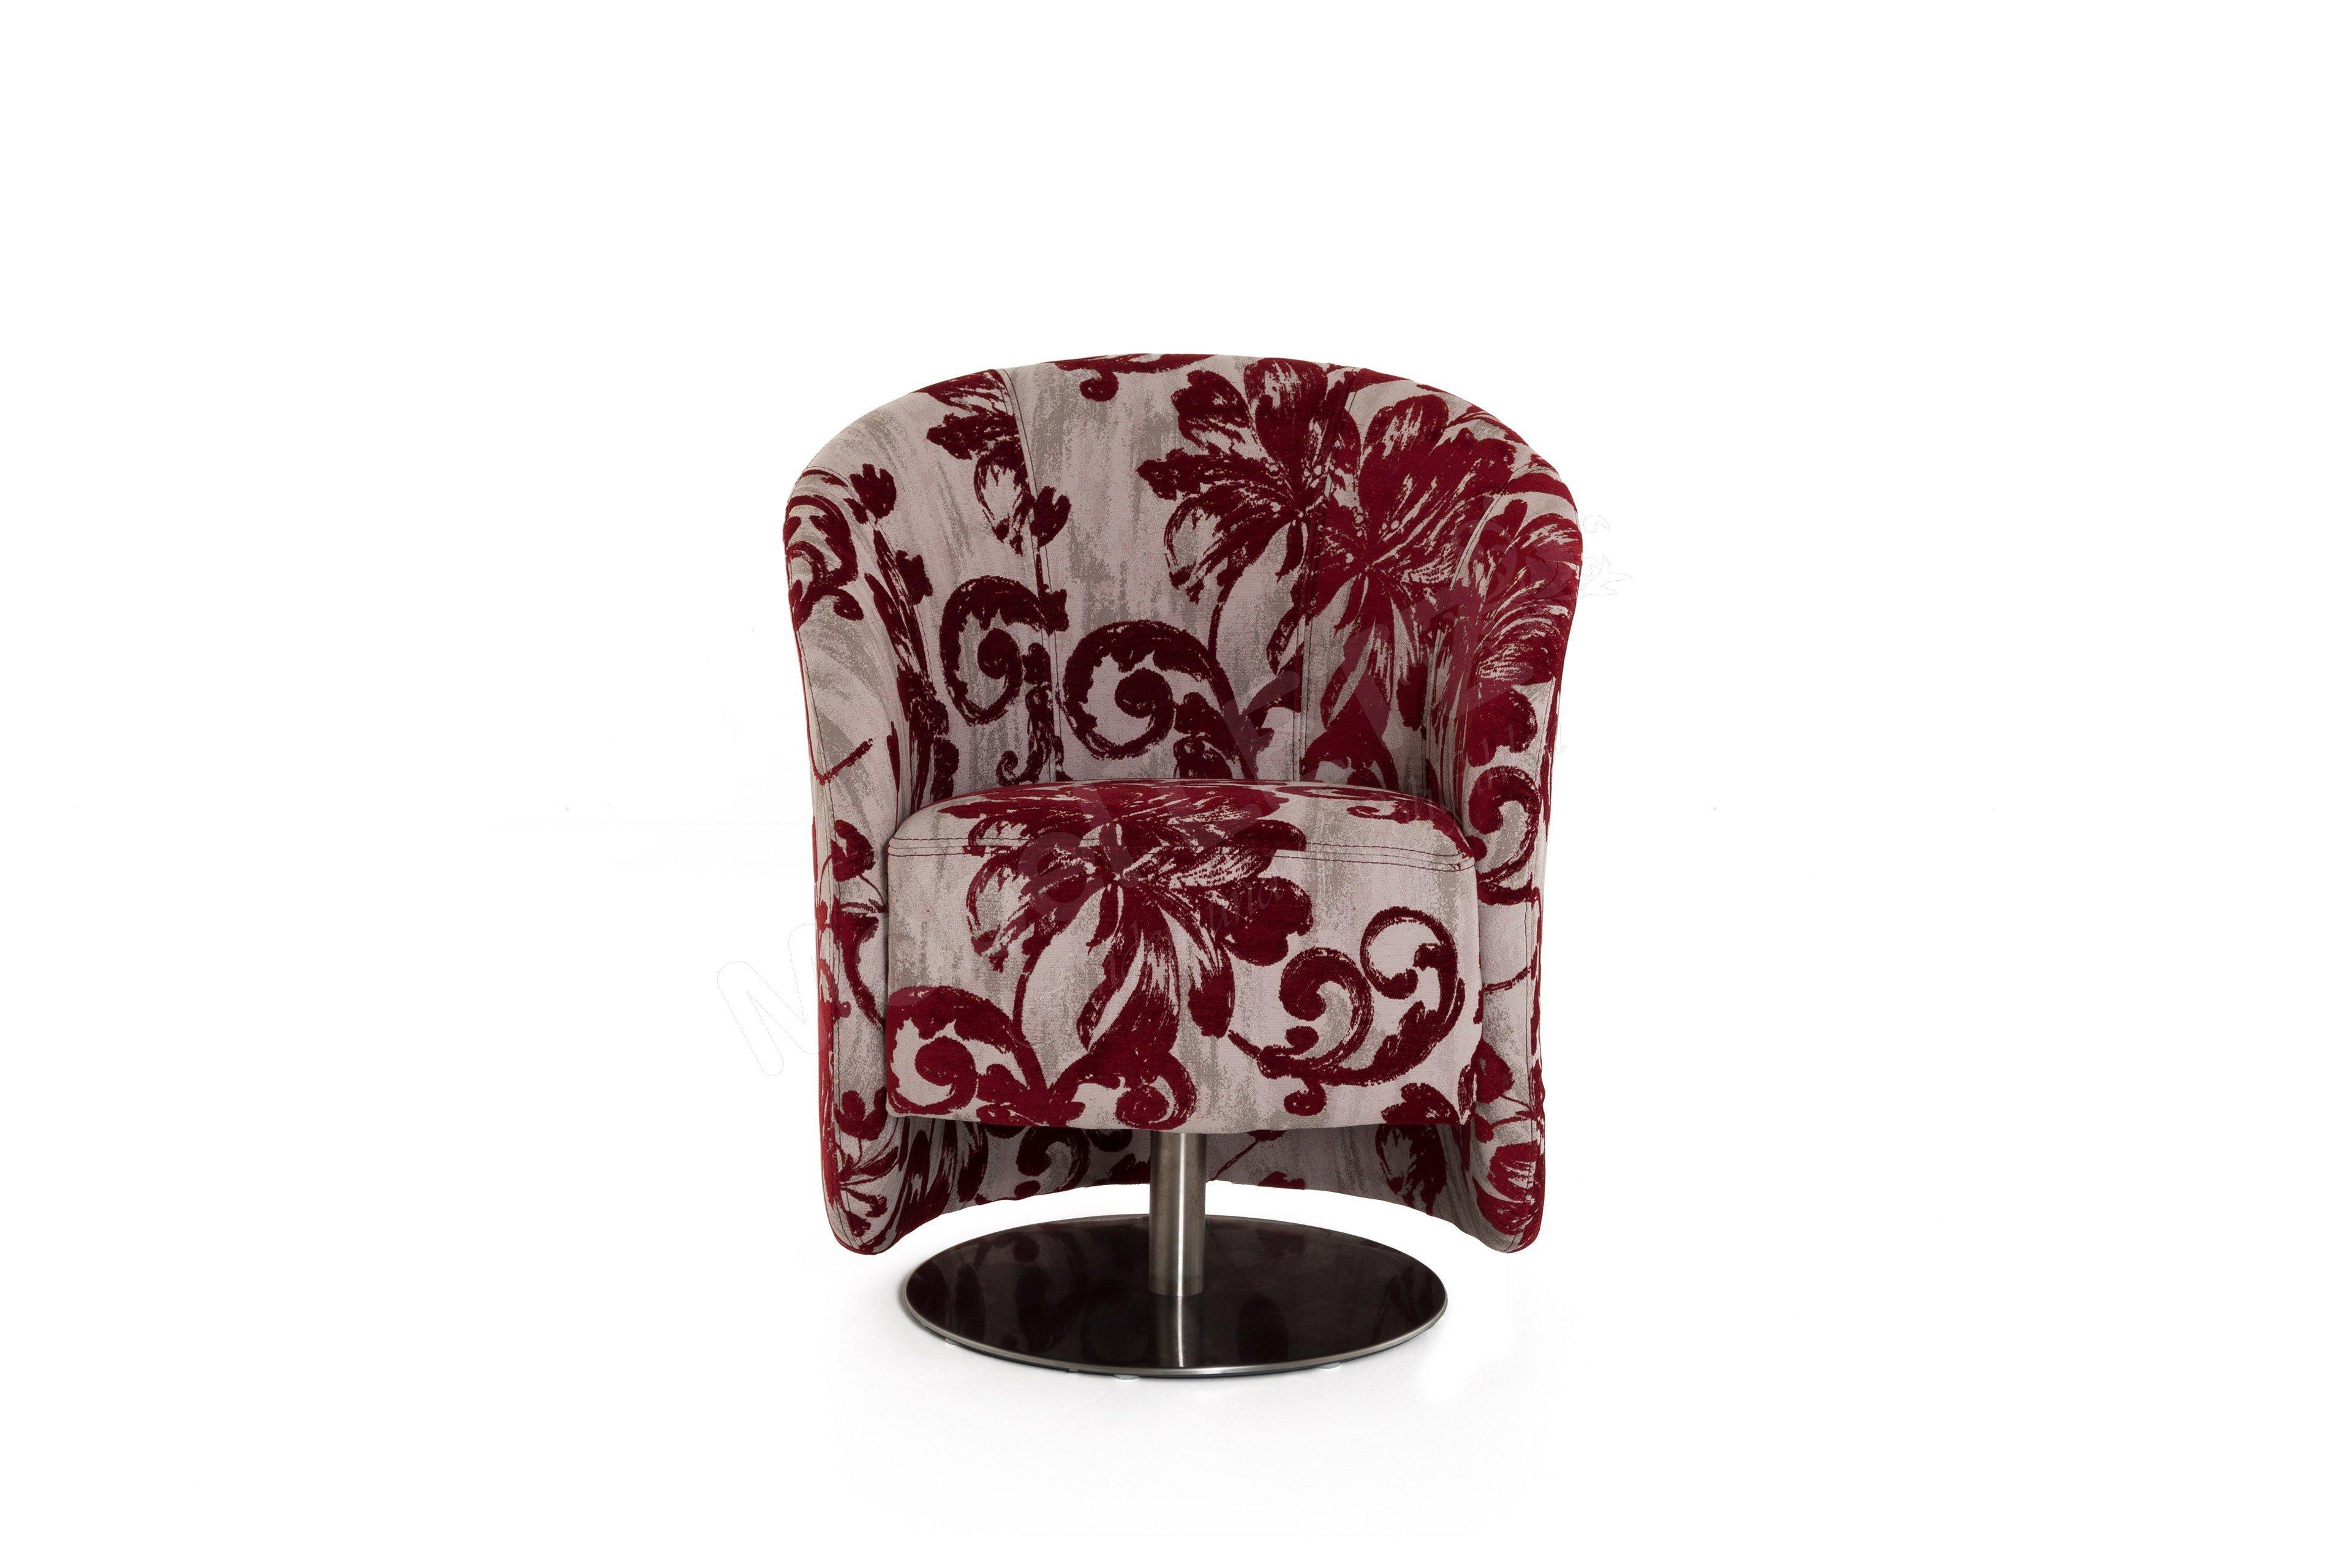 pm oelsa sylt einzelsessel in rot m bel letz ihr online shop. Black Bedroom Furniture Sets. Home Design Ideas